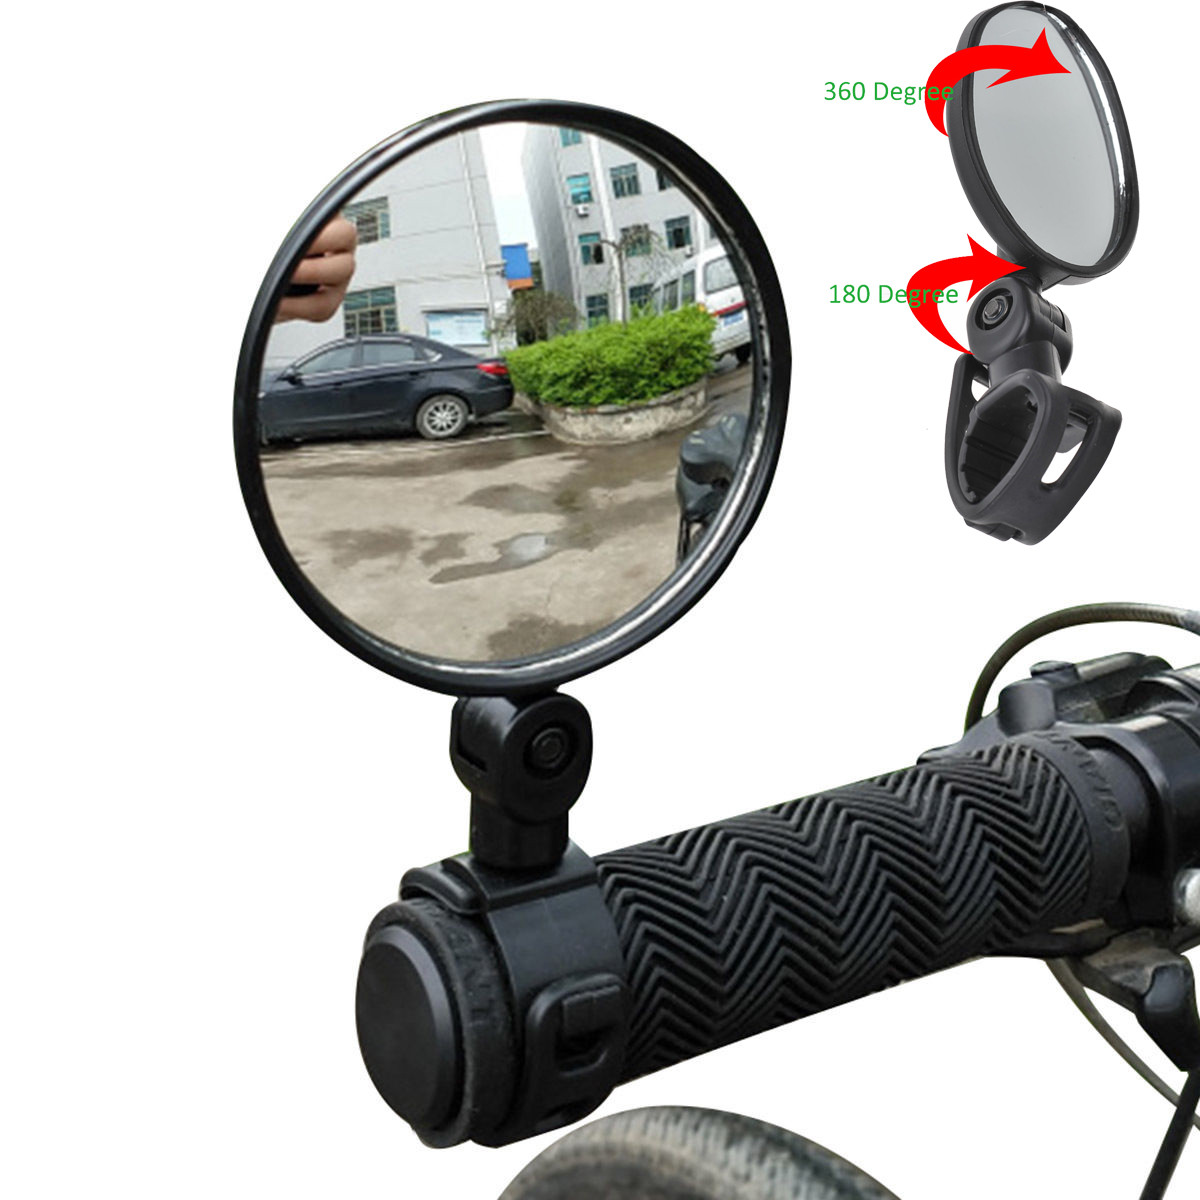 Adjustable Motorcycle Looking Glass Bike Rearview Handlebar Bicycle Mirror